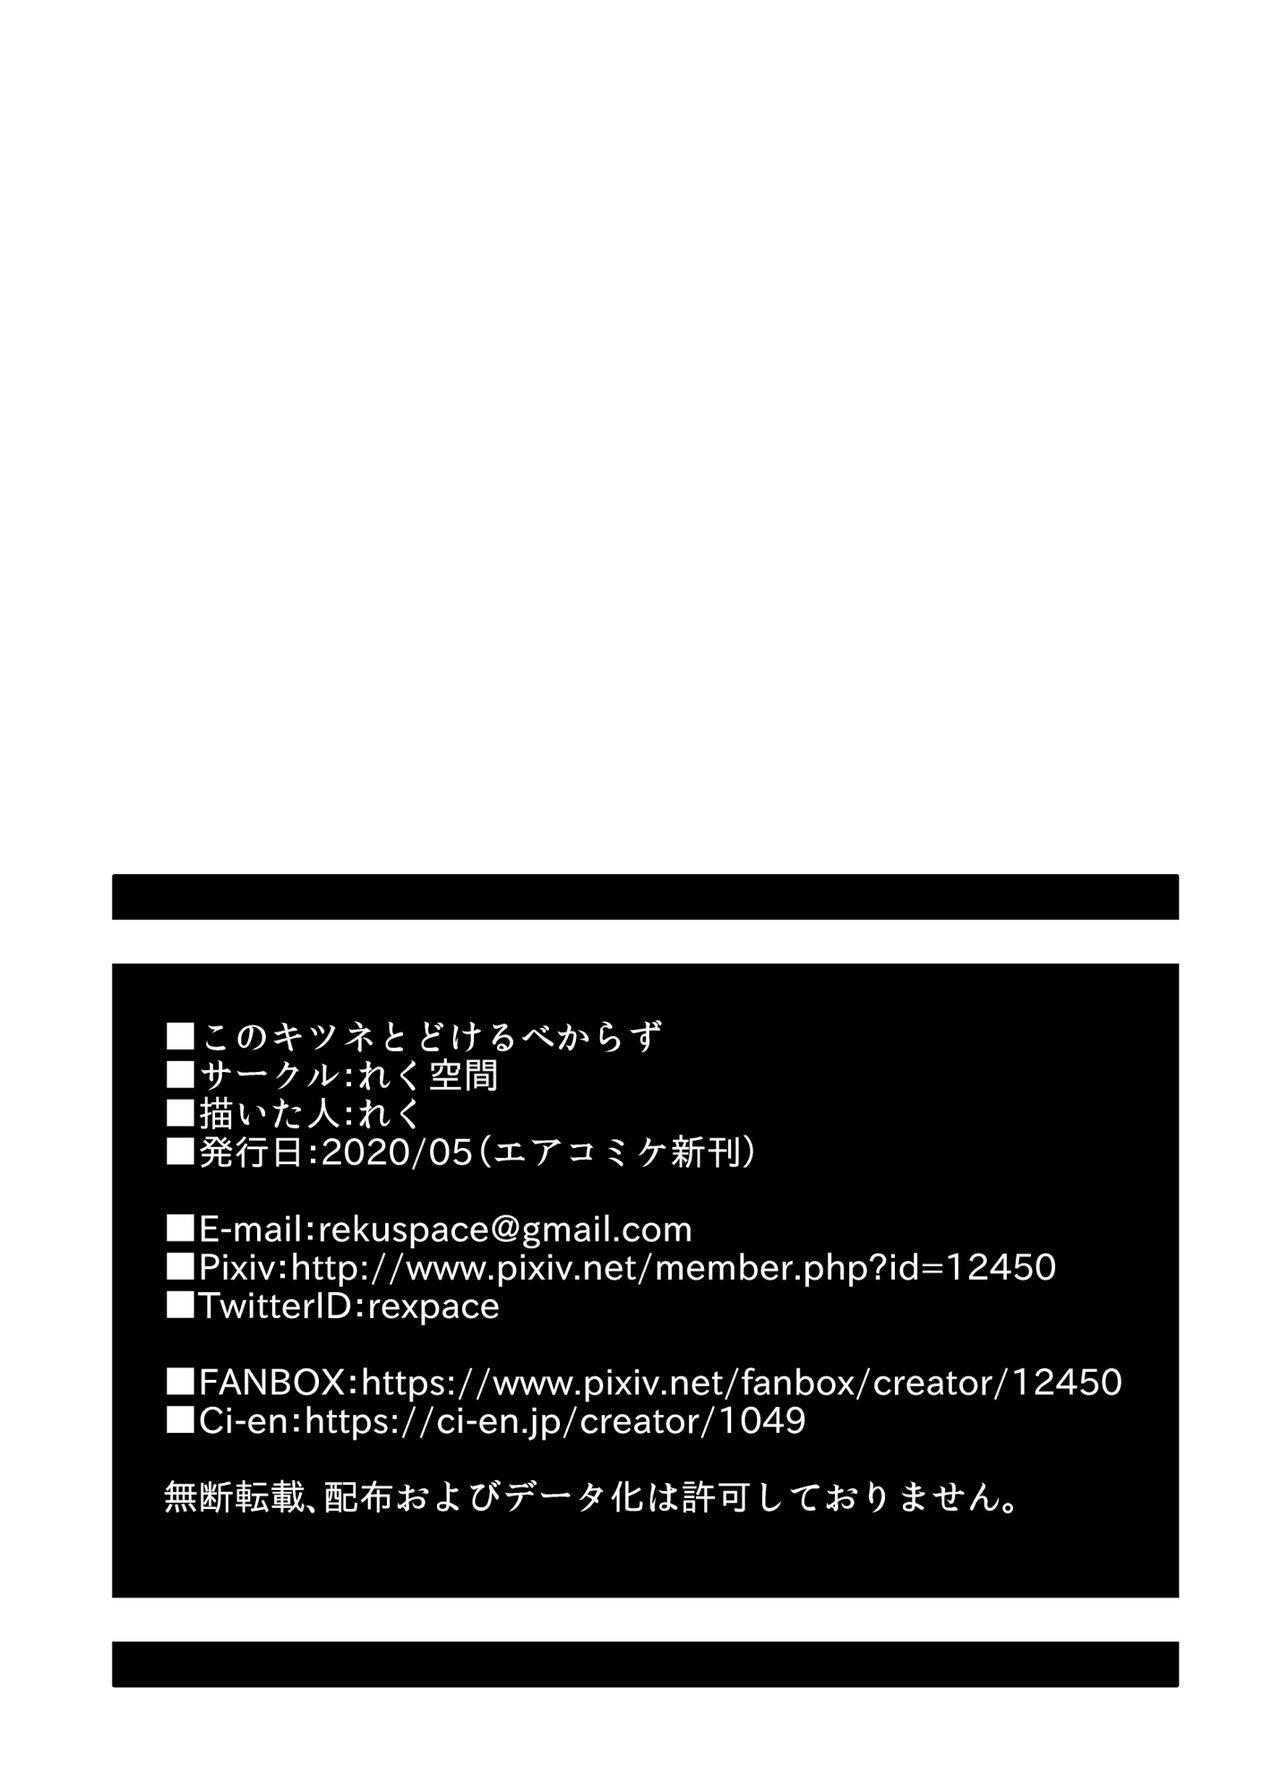 Kono Kitsune Todokeru bekarazu 26